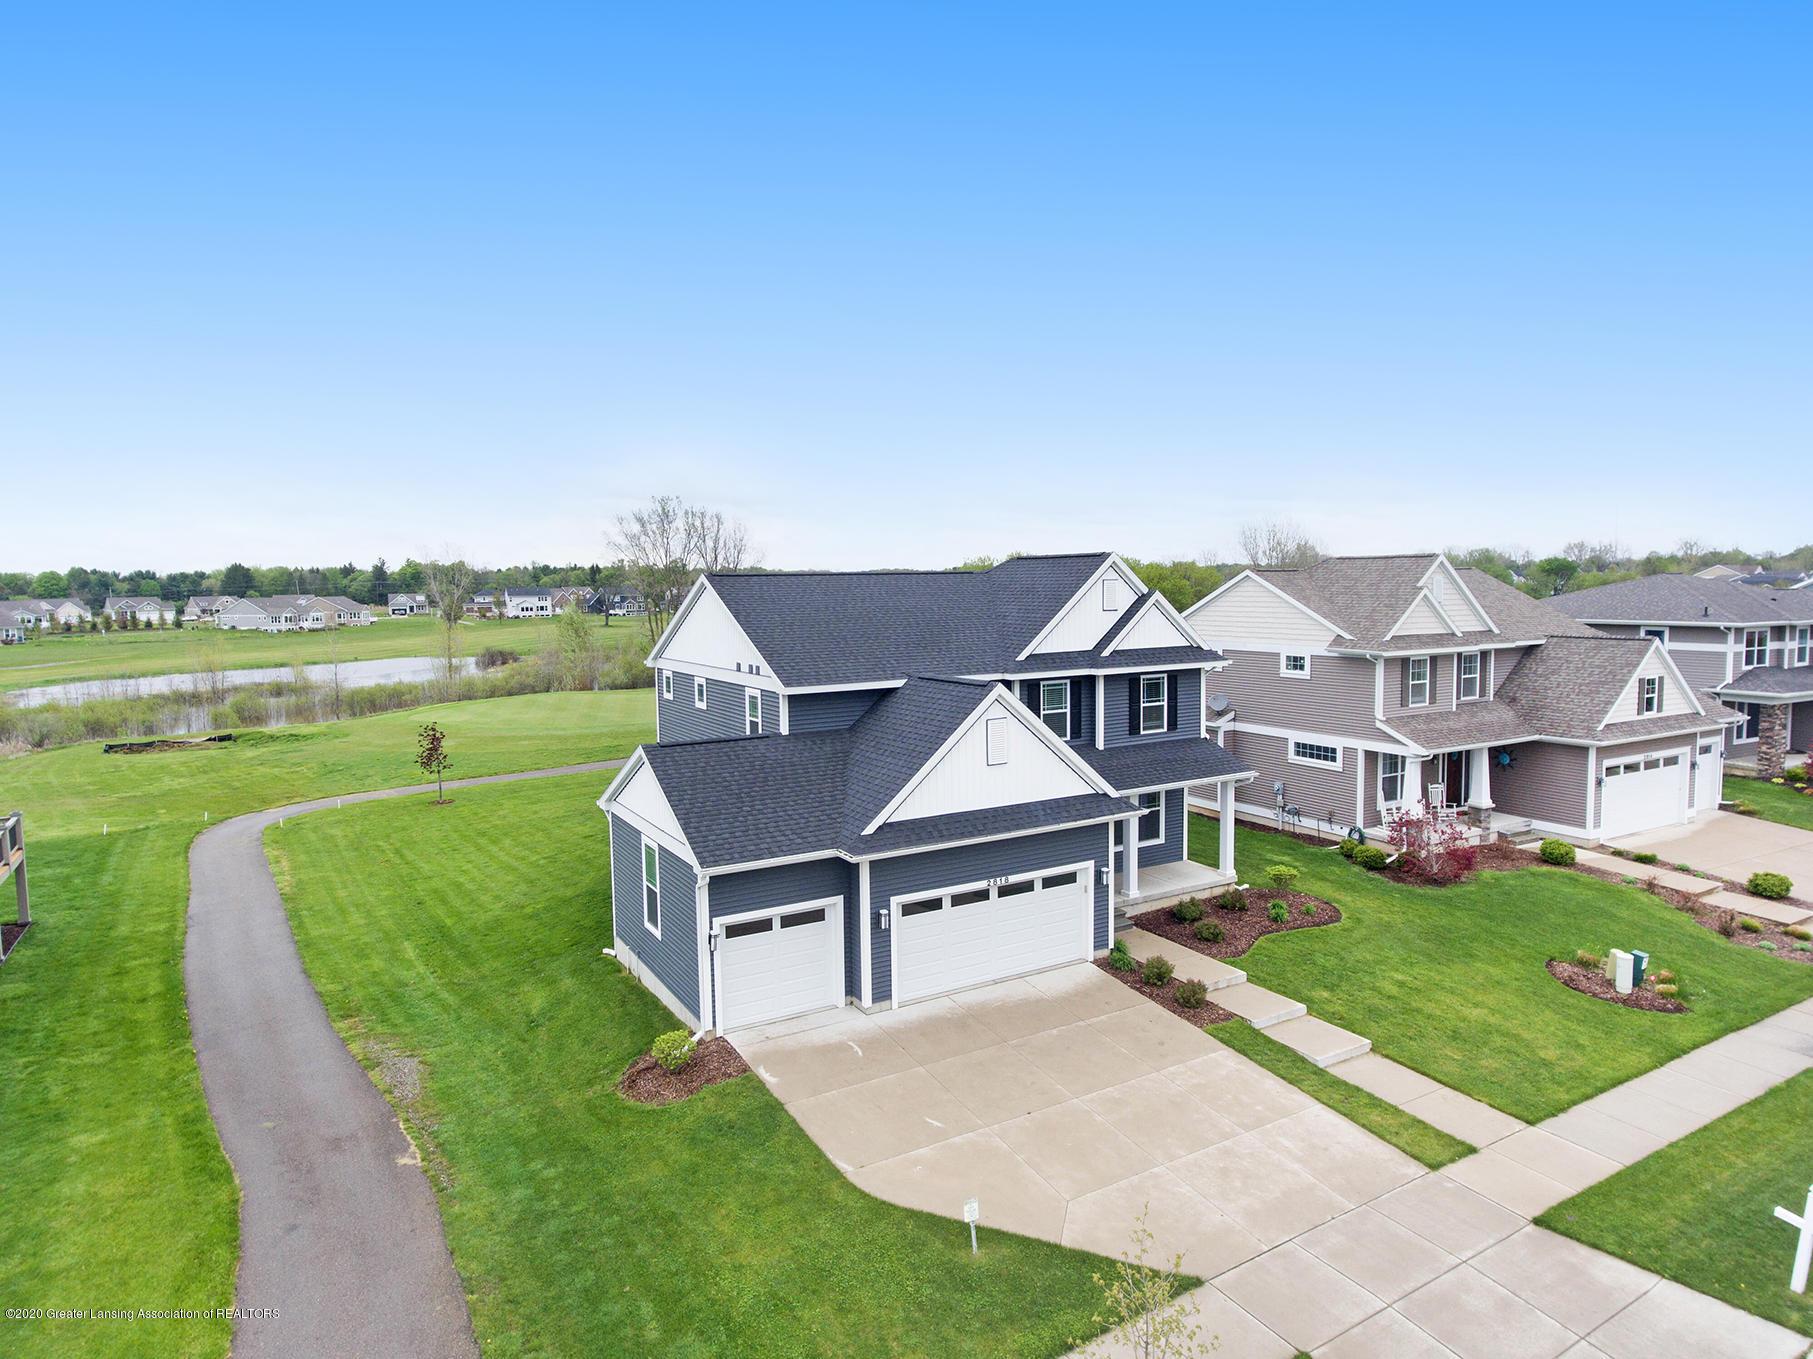 2818 Kittansett Dr - Aerial View - 59